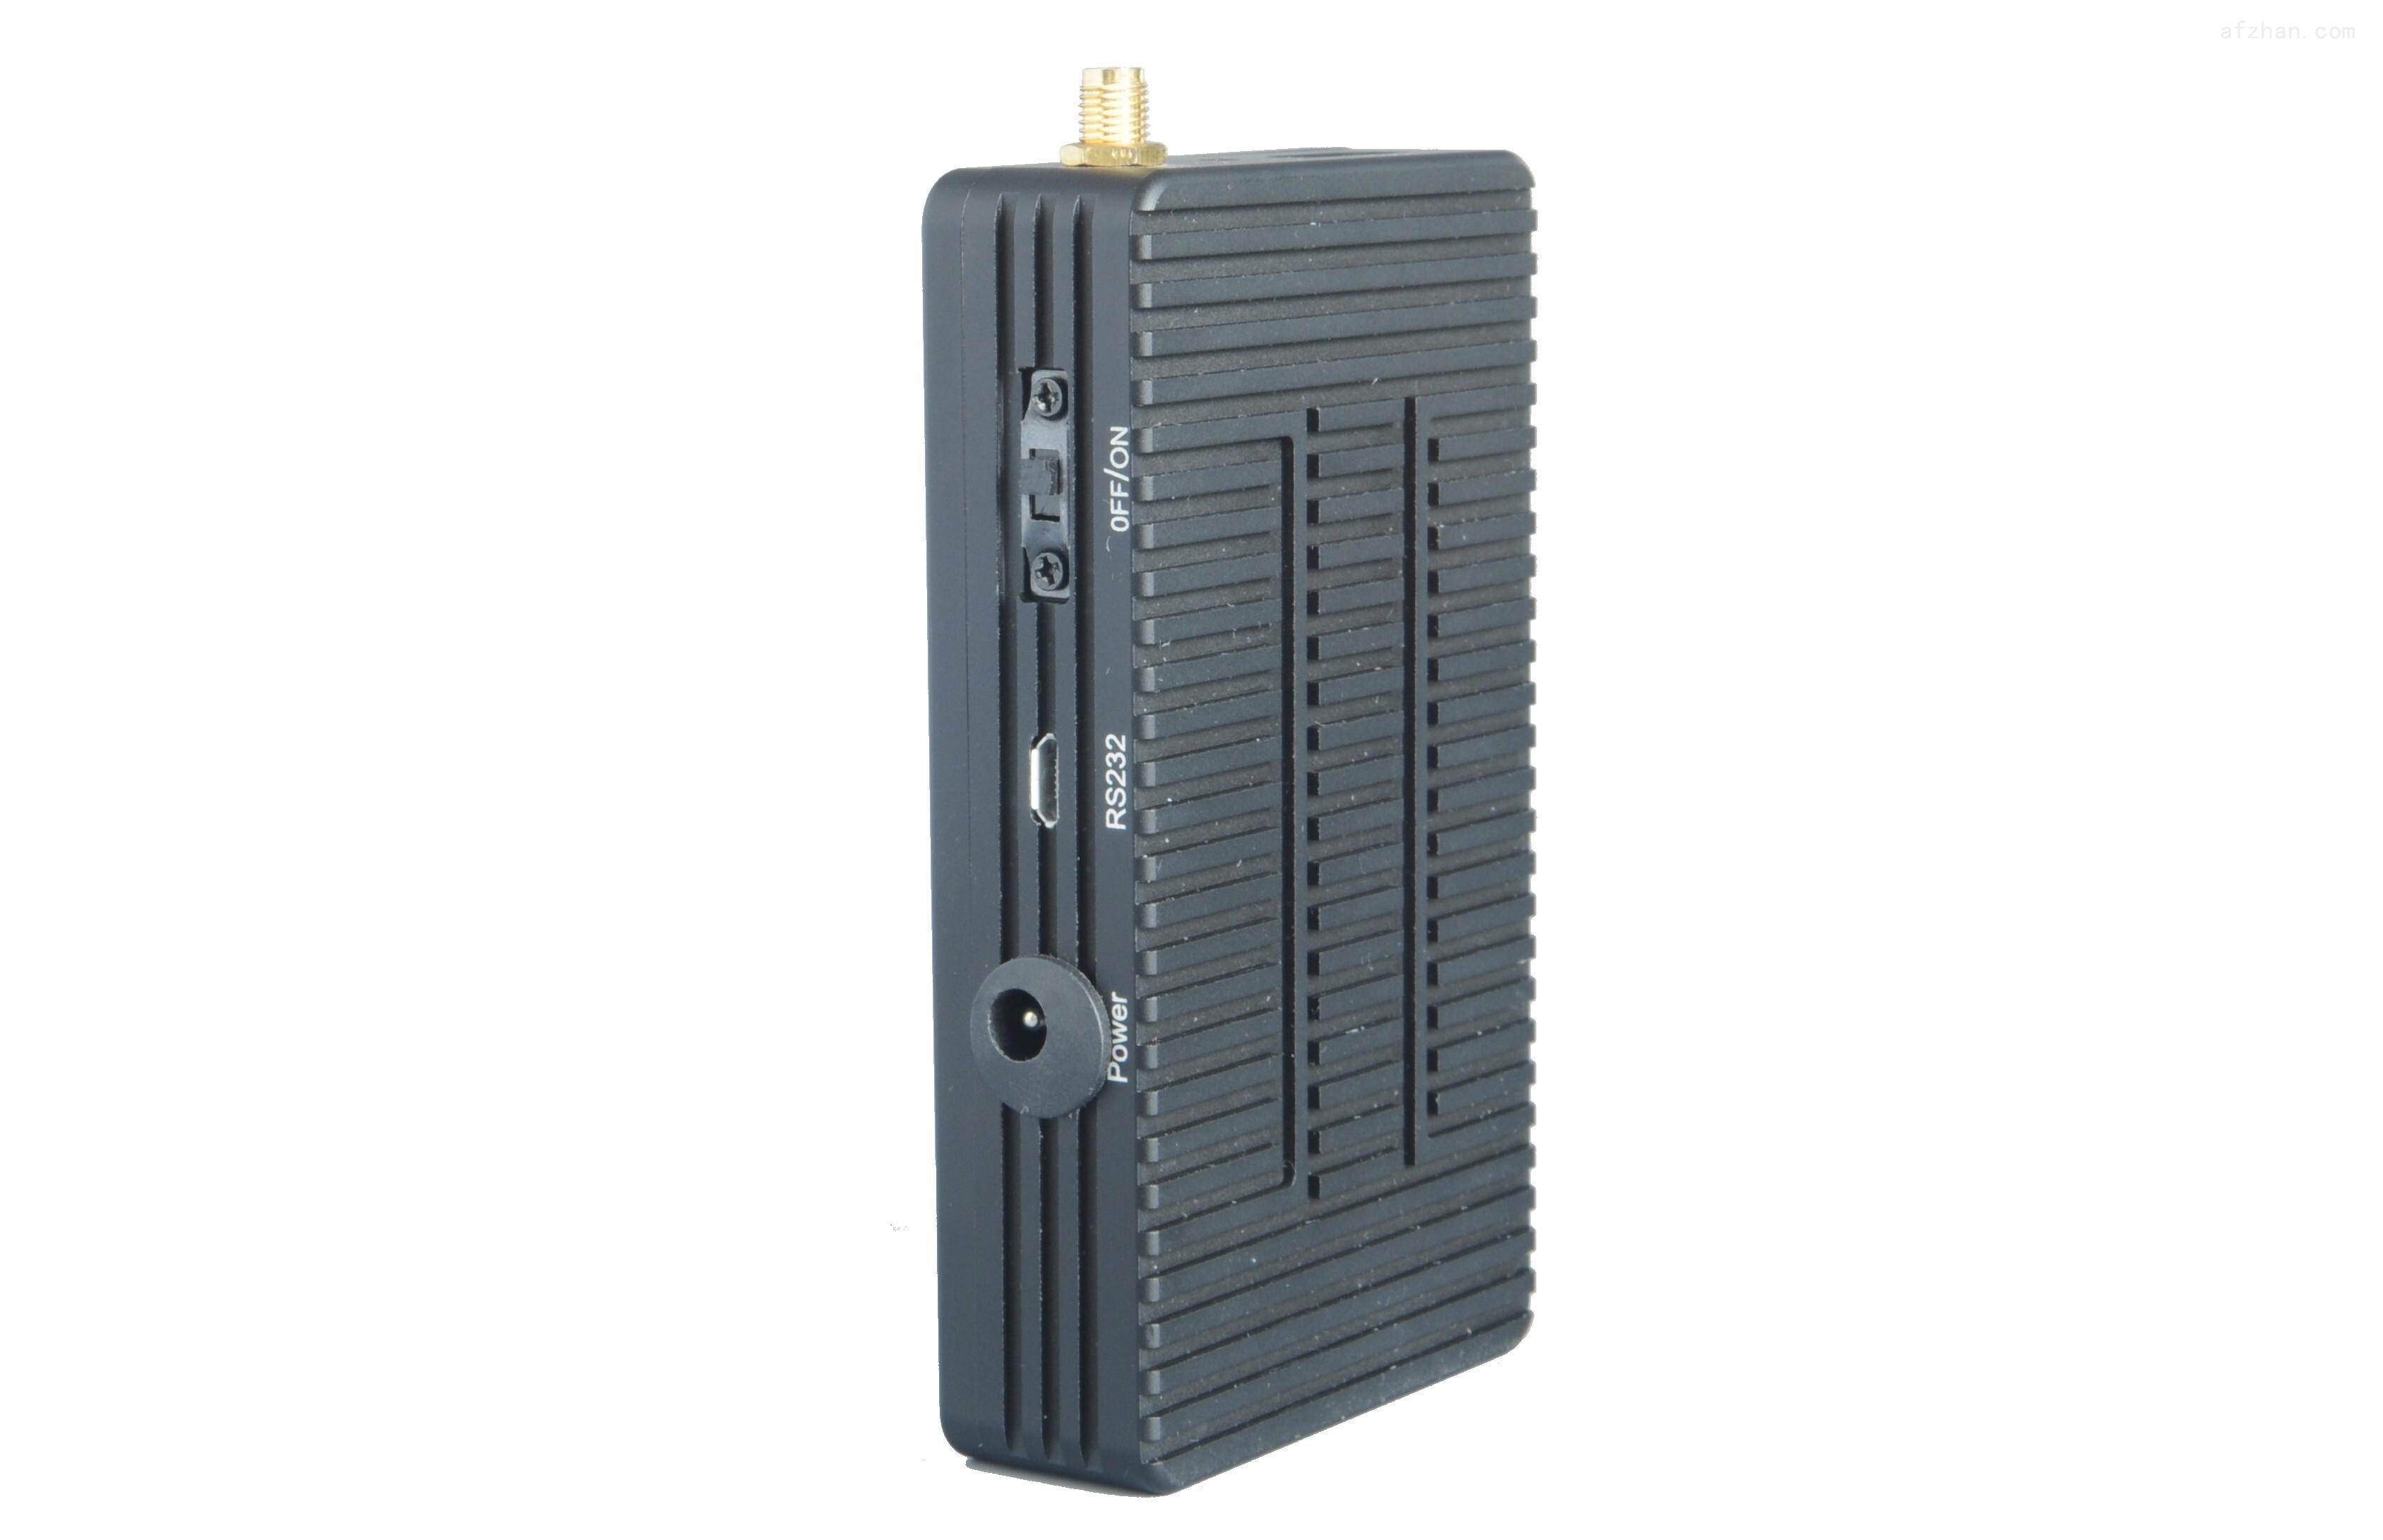 便携移动图像传输 1W移动视频 移动无线传输